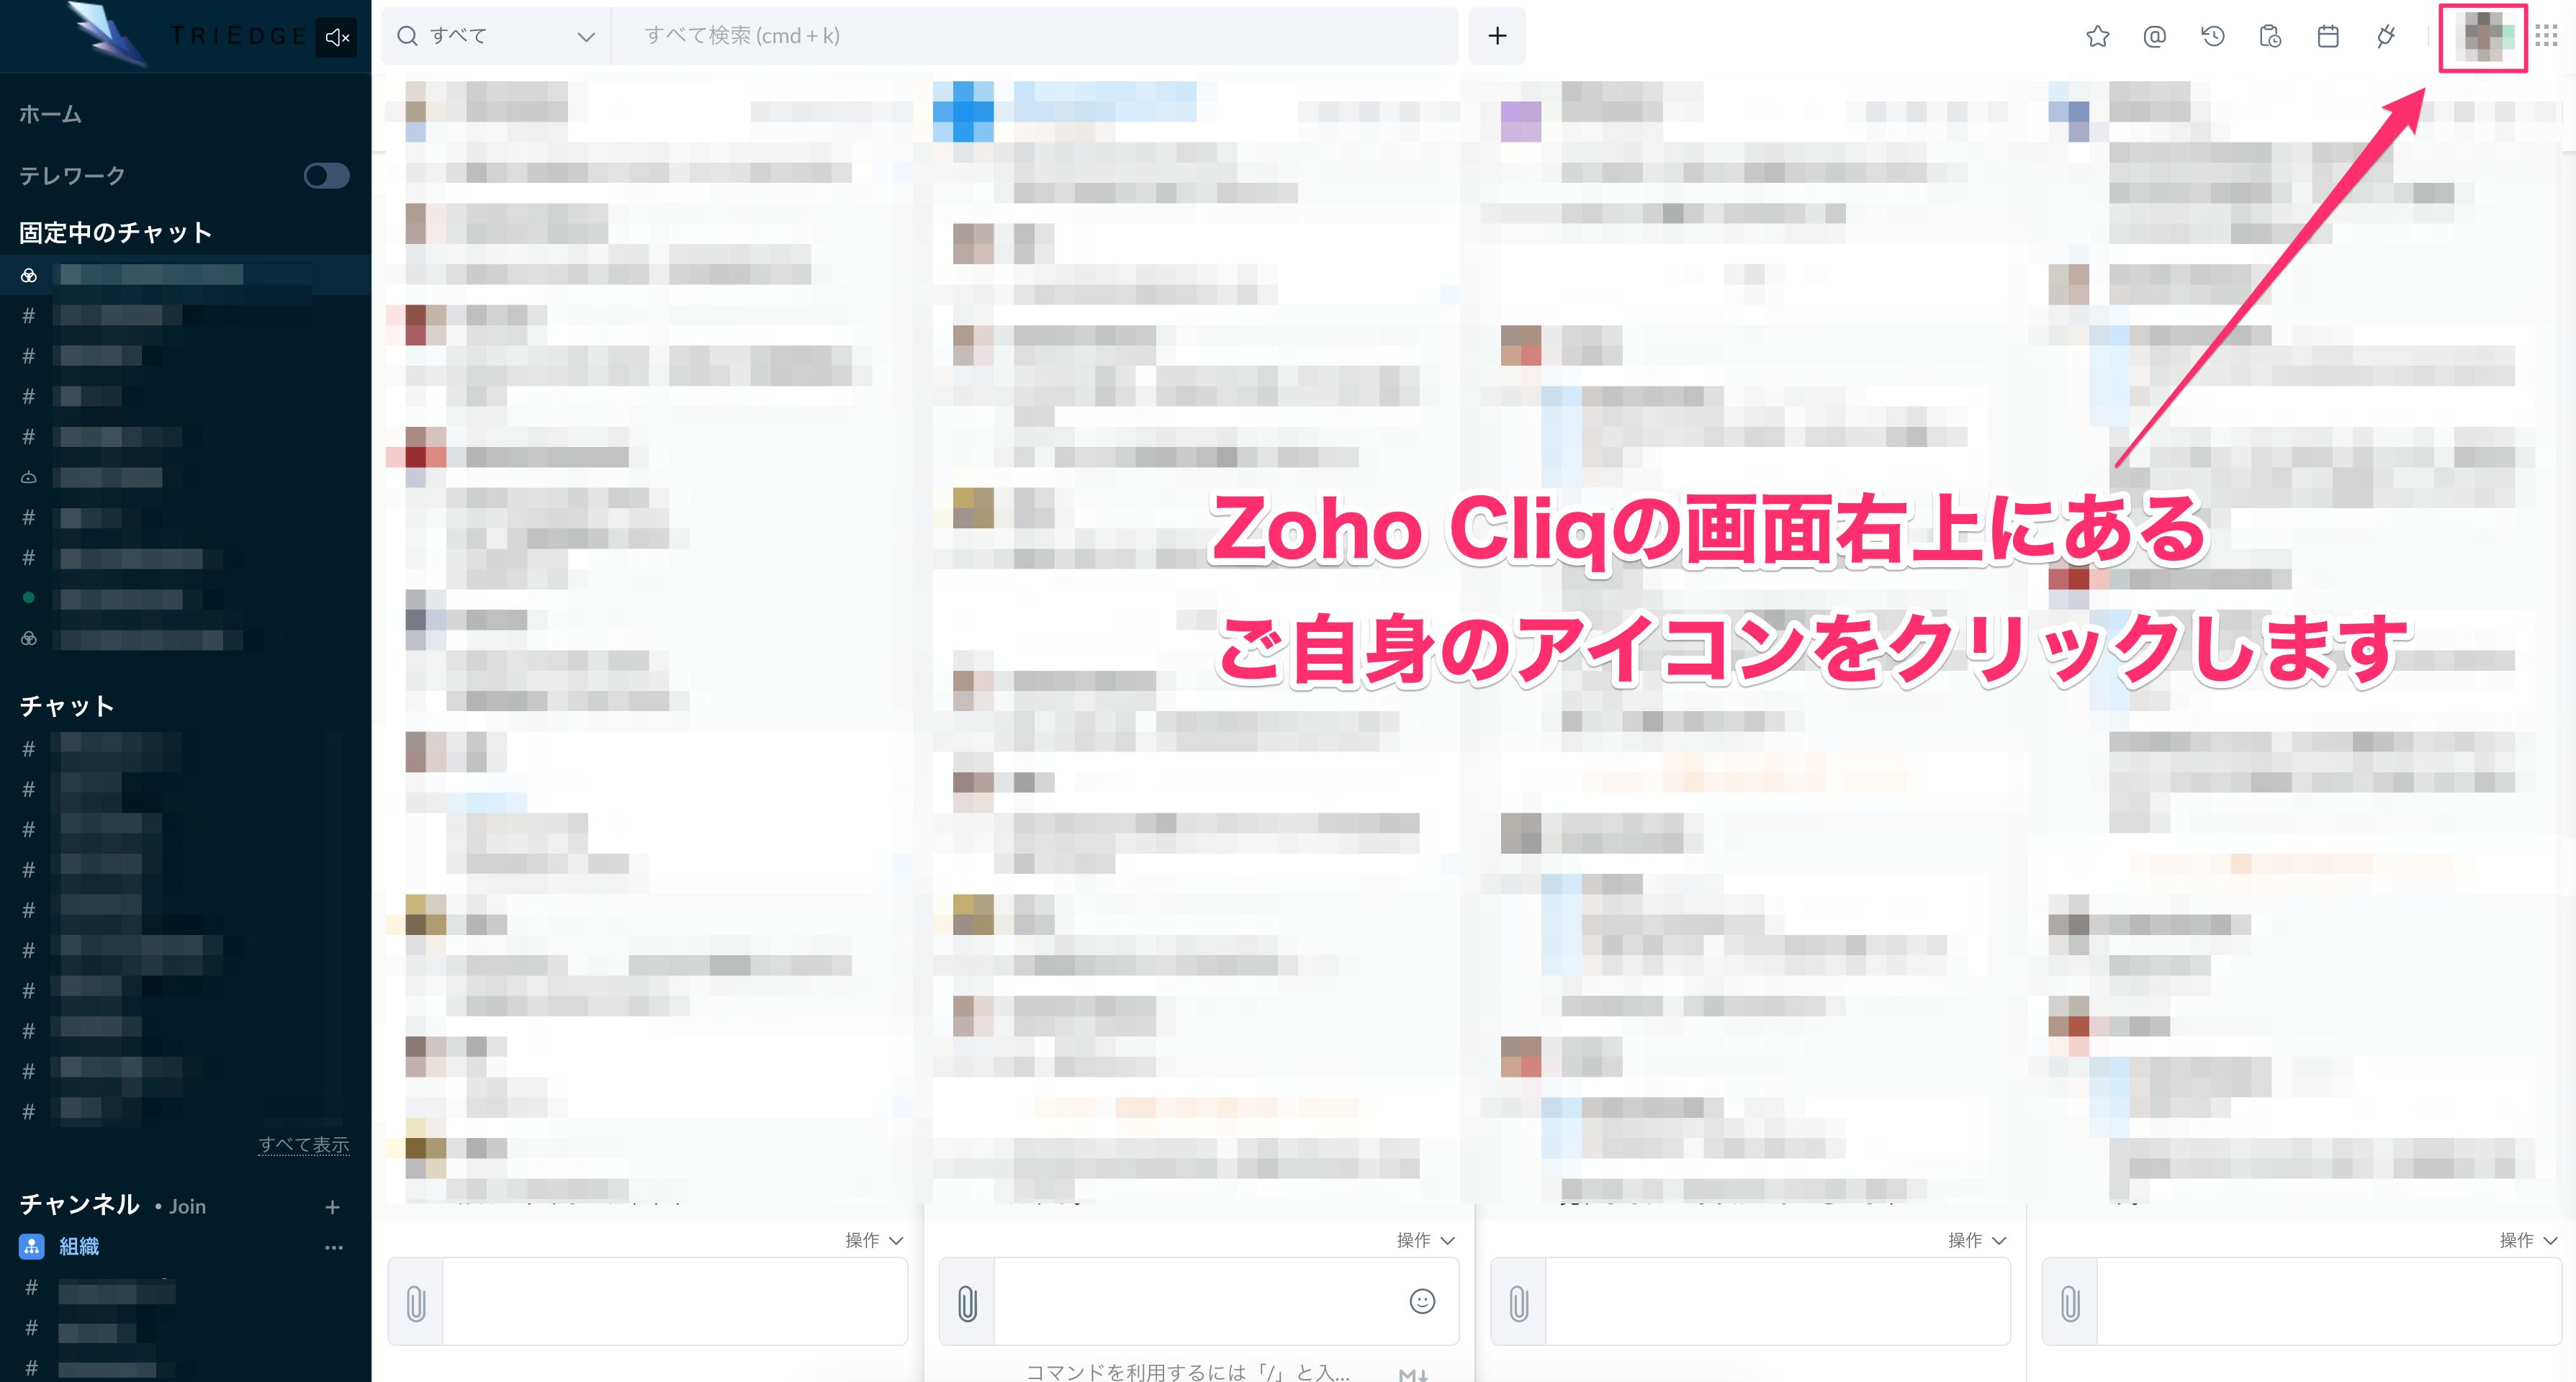 Zoho CliqでZoho CRMのレポートを定期的に配信する_02